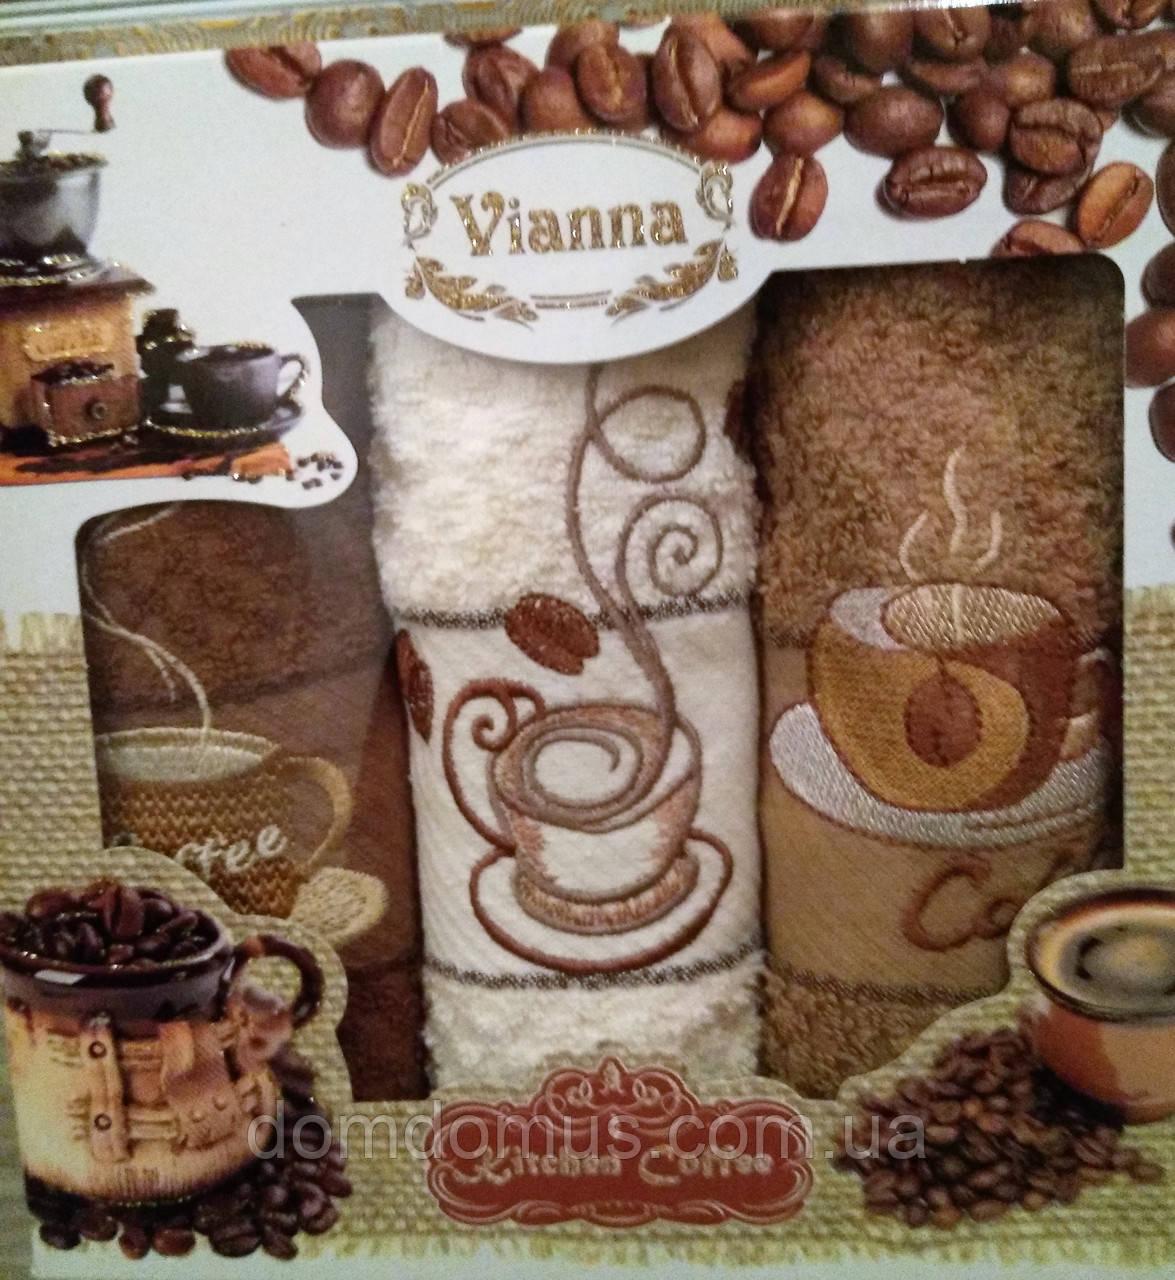 """Махровые кухонные полотенца """"Cappucino"""" 40*60 см Vianna 3 шт., Турция"""